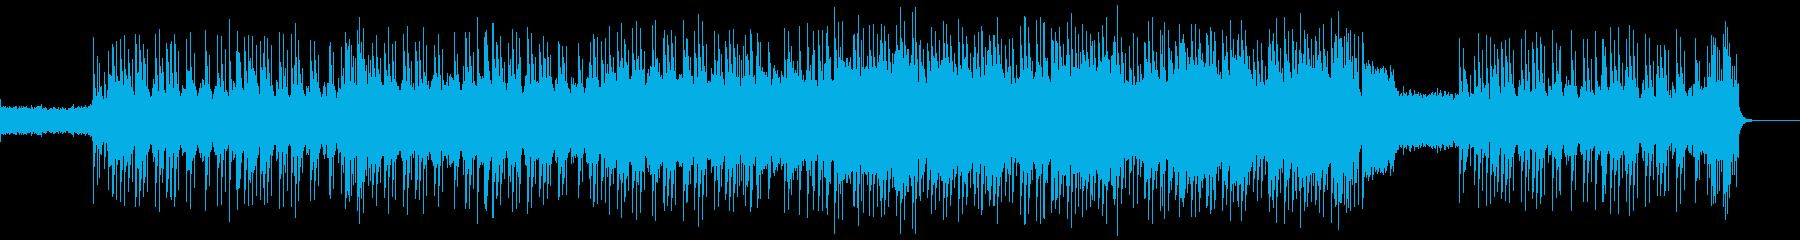 戦闘に合うオルタナグランジロックの再生済みの波形